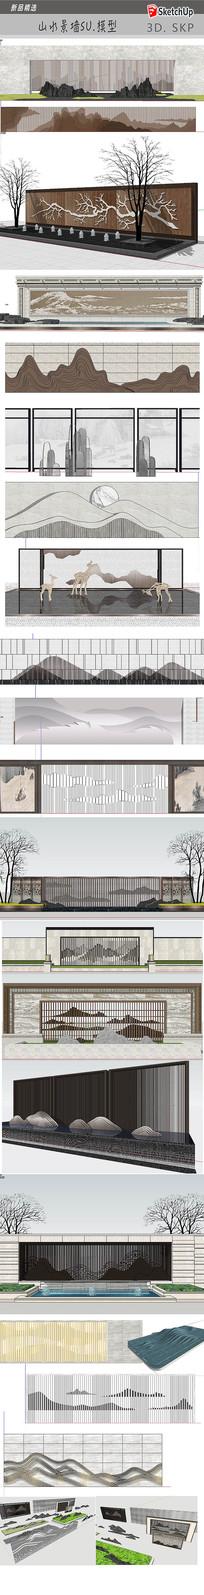 山水画观景墙设计